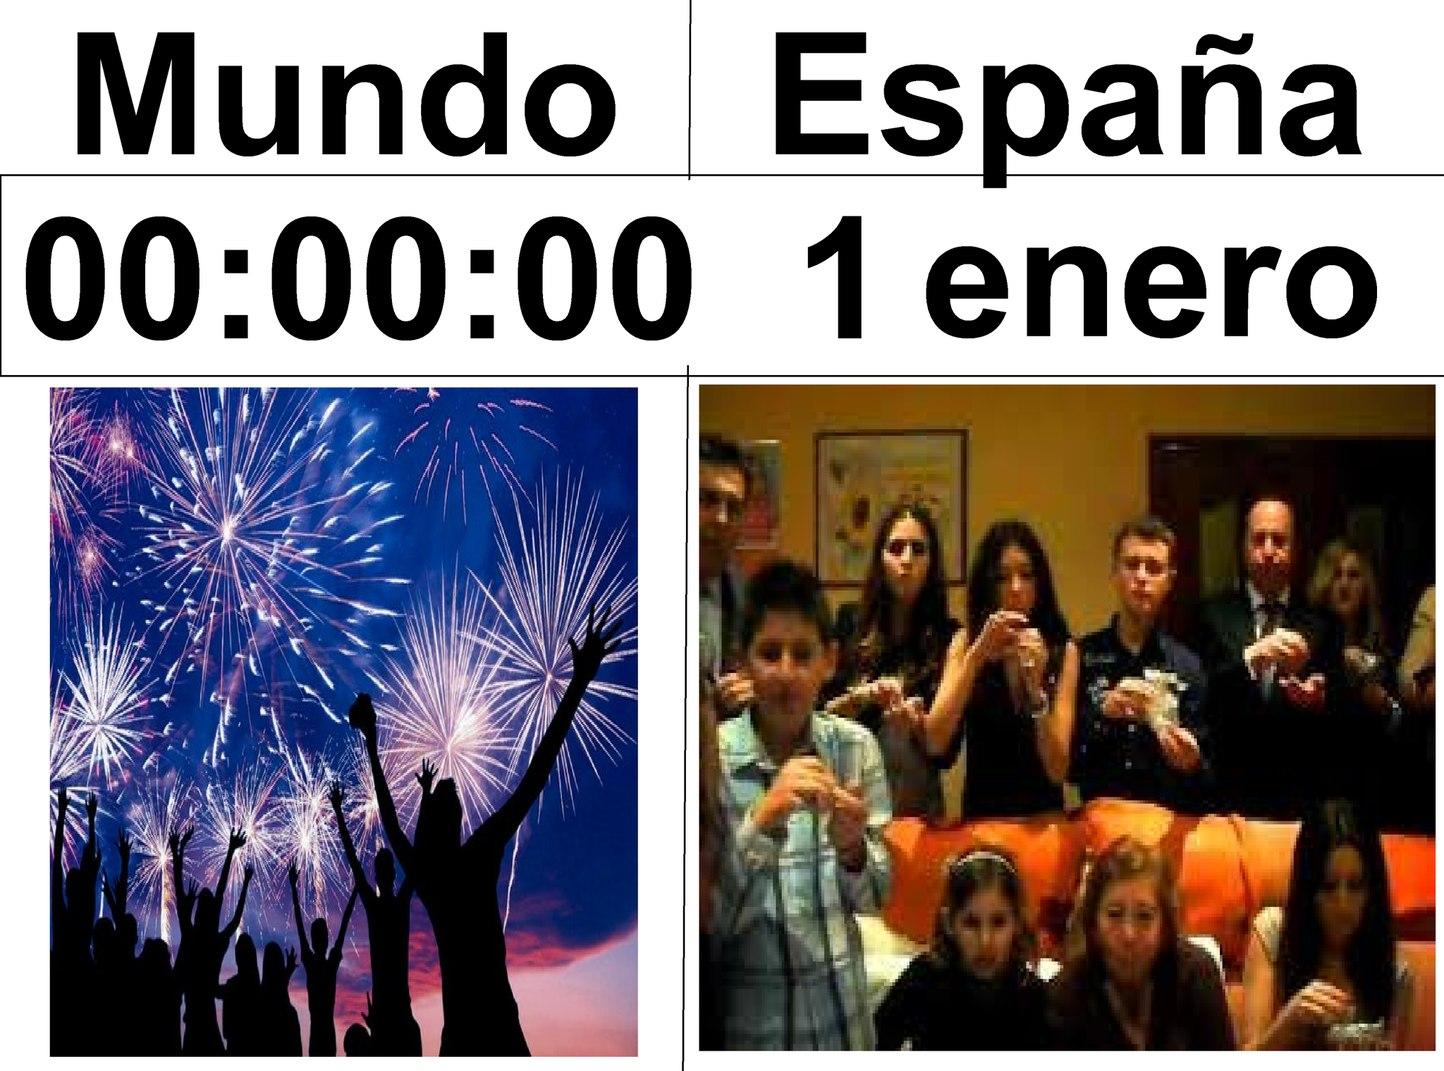 EN ESPAÑA EL AÑO COMIENZA A LAS 00:00:36 - meme